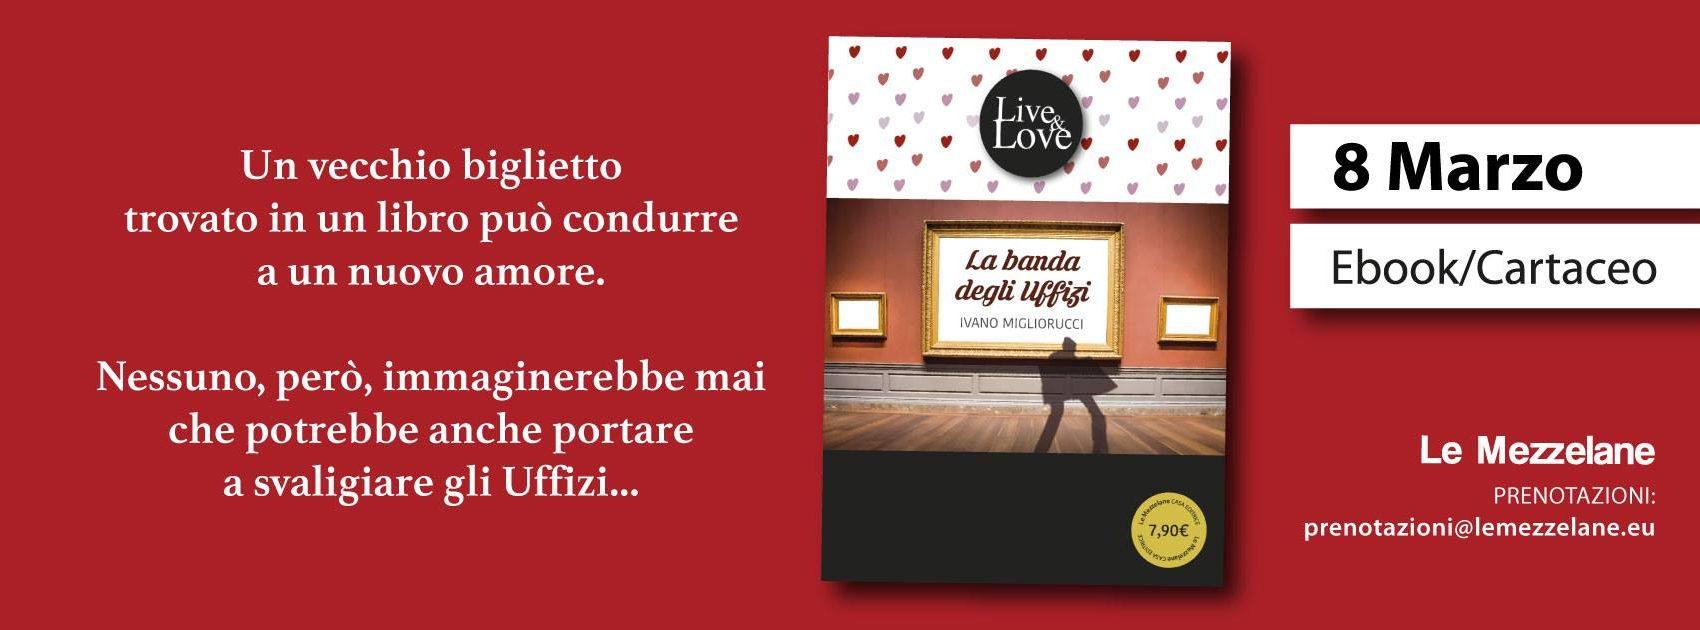 Un vecchio biglietto trovato in un libro può condurre a un nuovo amore. Nessuno, però, immaginerebbe mai che potrebbe anche portare a svaligiare gli Uffizi...